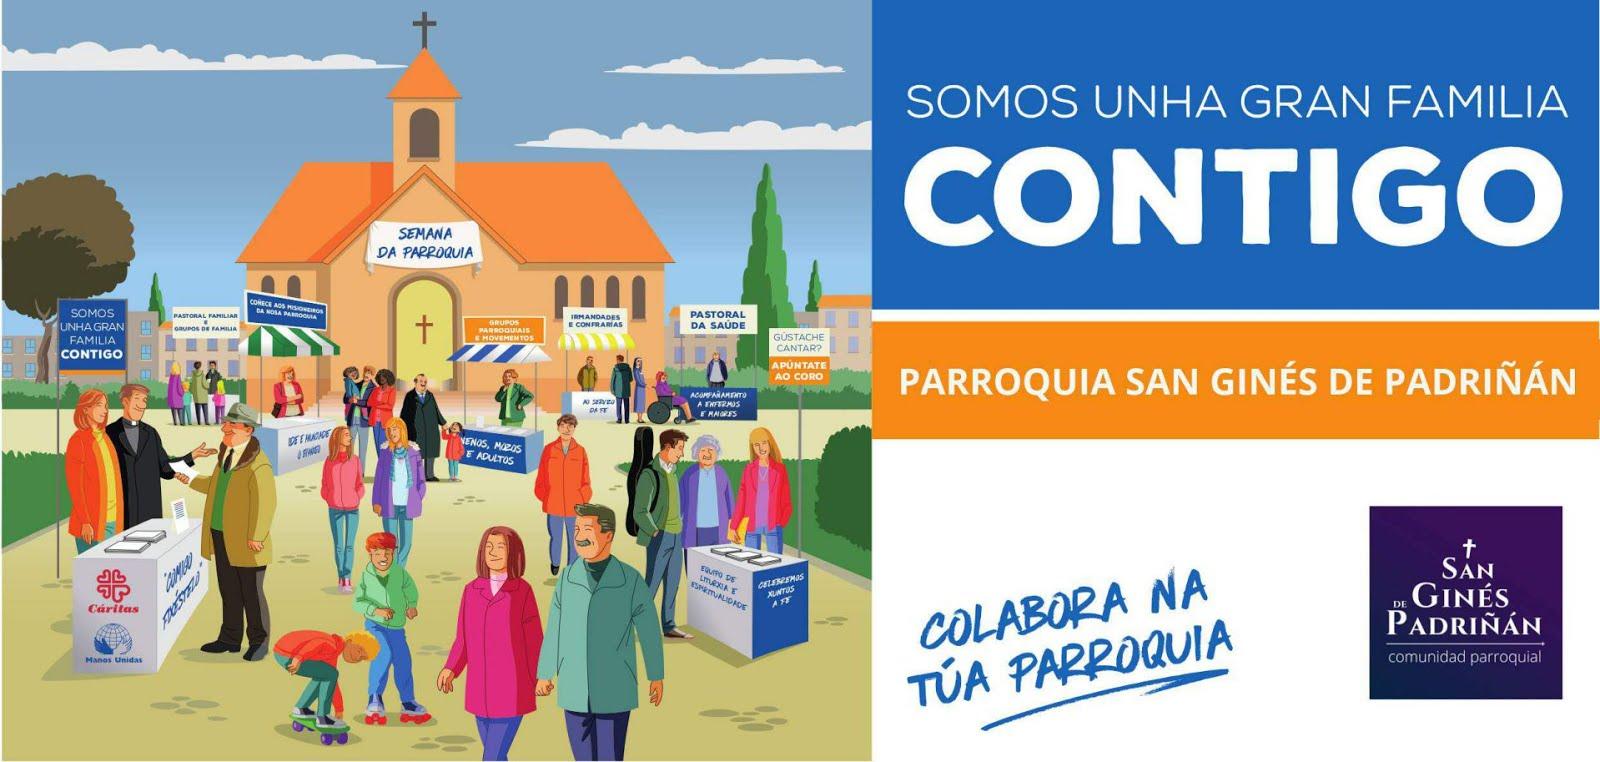 COLABORA CON LA PARROQUIA